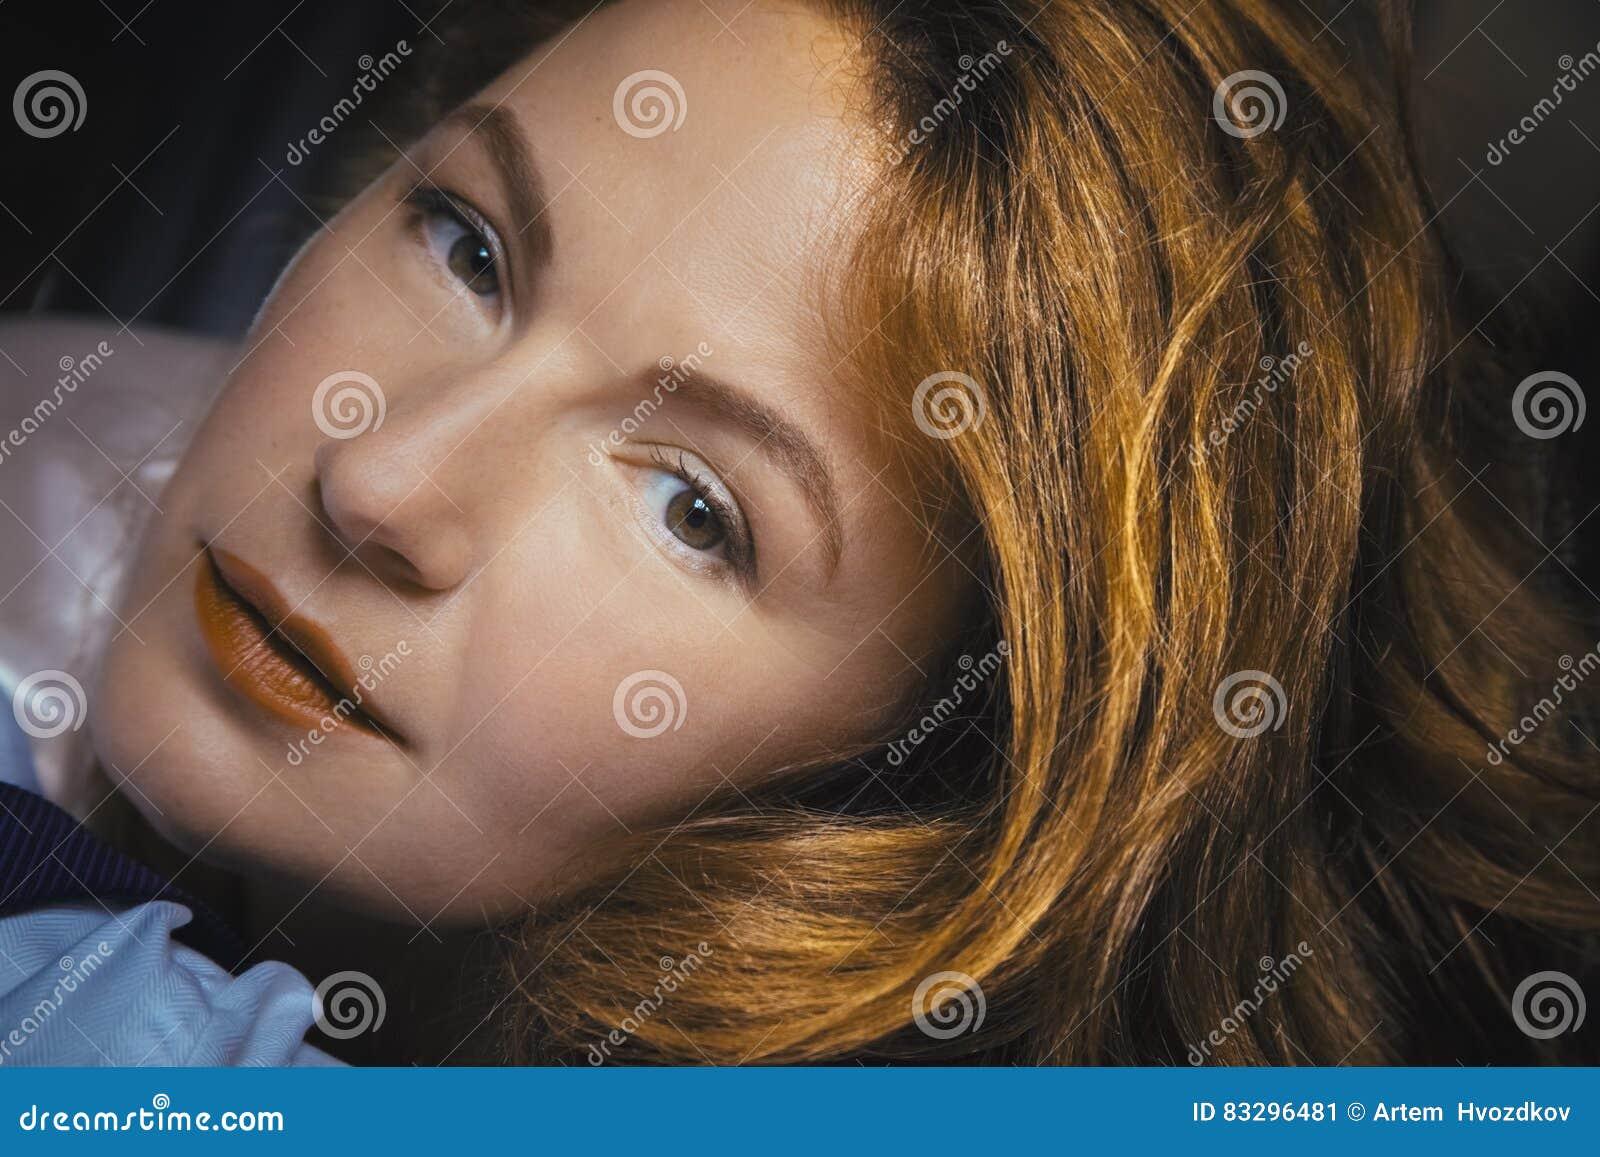 Женщина смотрит на губы фото 214-452